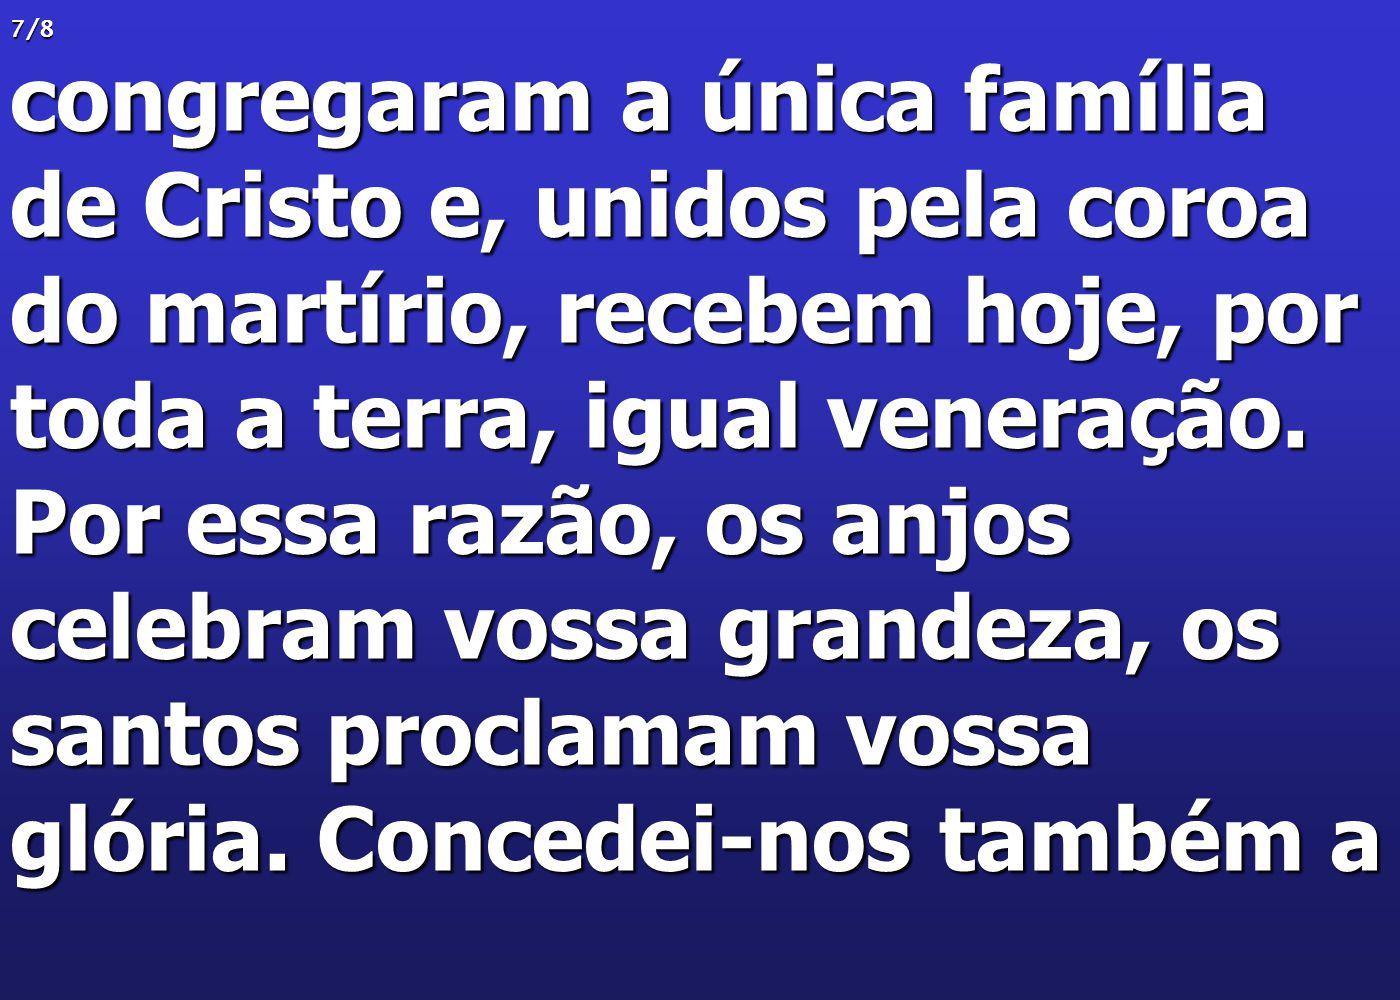 7/8 congregaram a única família de Cristo e, unidos pela coroa do martírio, recebem hoje, por toda a terra, igual veneração. Por essa razão, os anjos